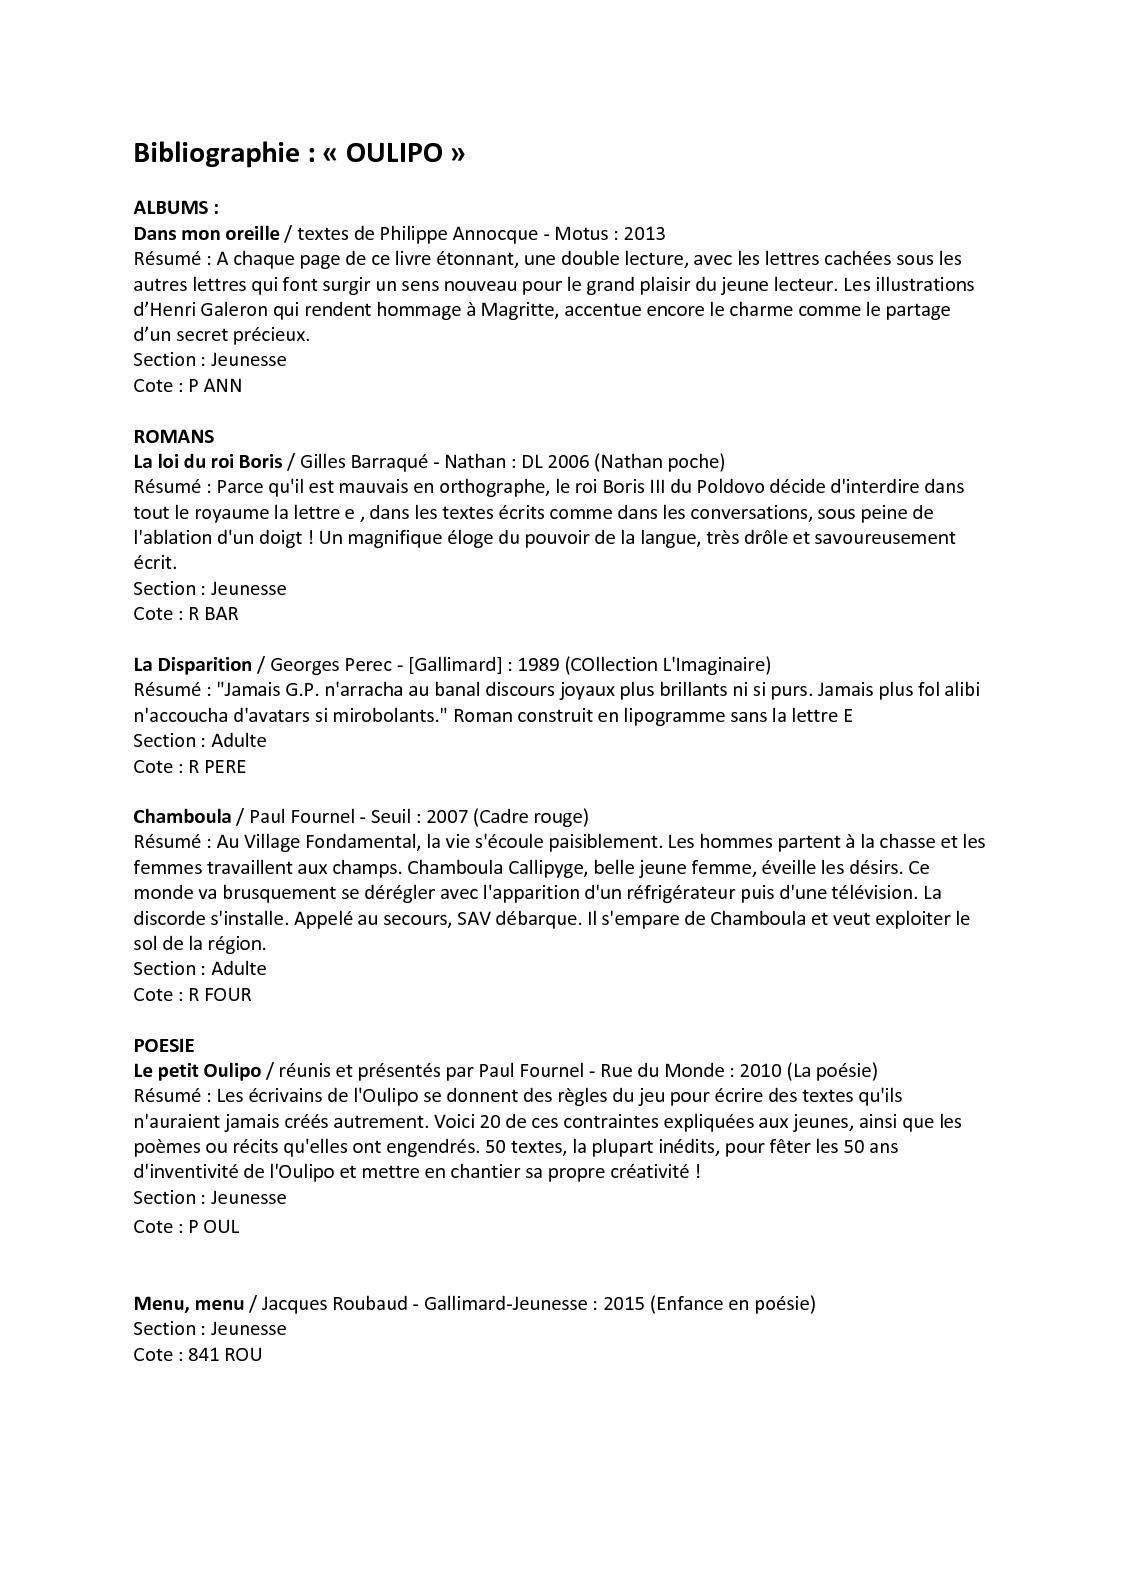 Texte Sans La Lettre E : texte, lettre, Calaméo, Bibliographie